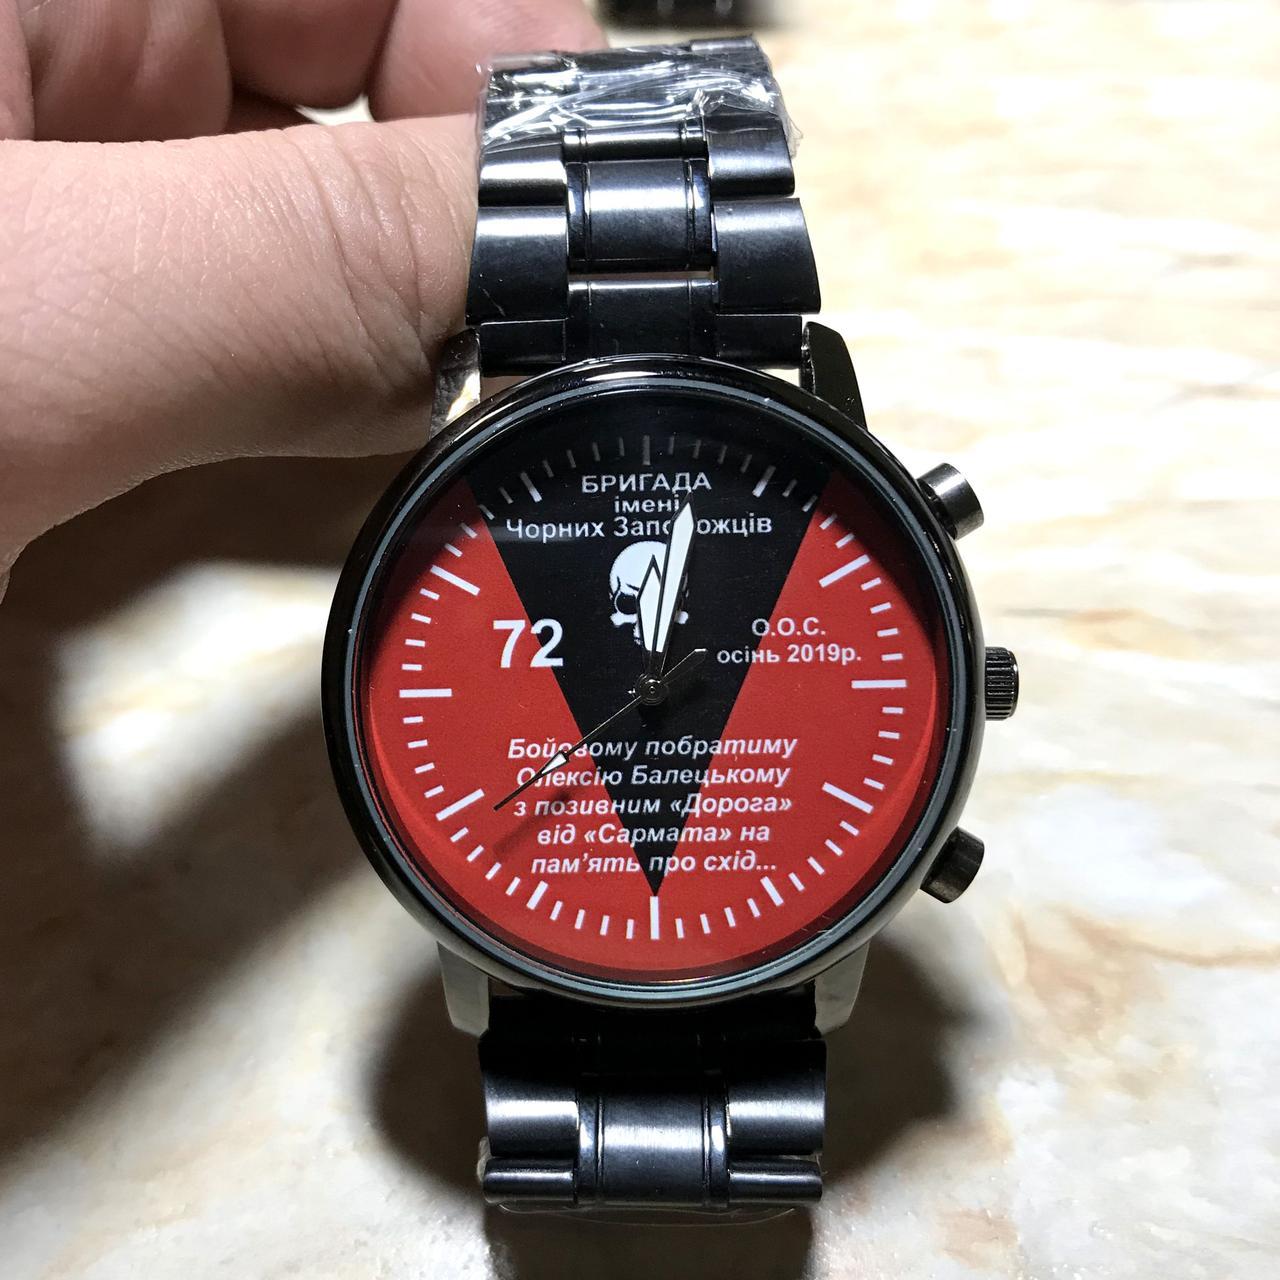 Годинники наручні з логотипом Бригада імені Чорних Запорожців